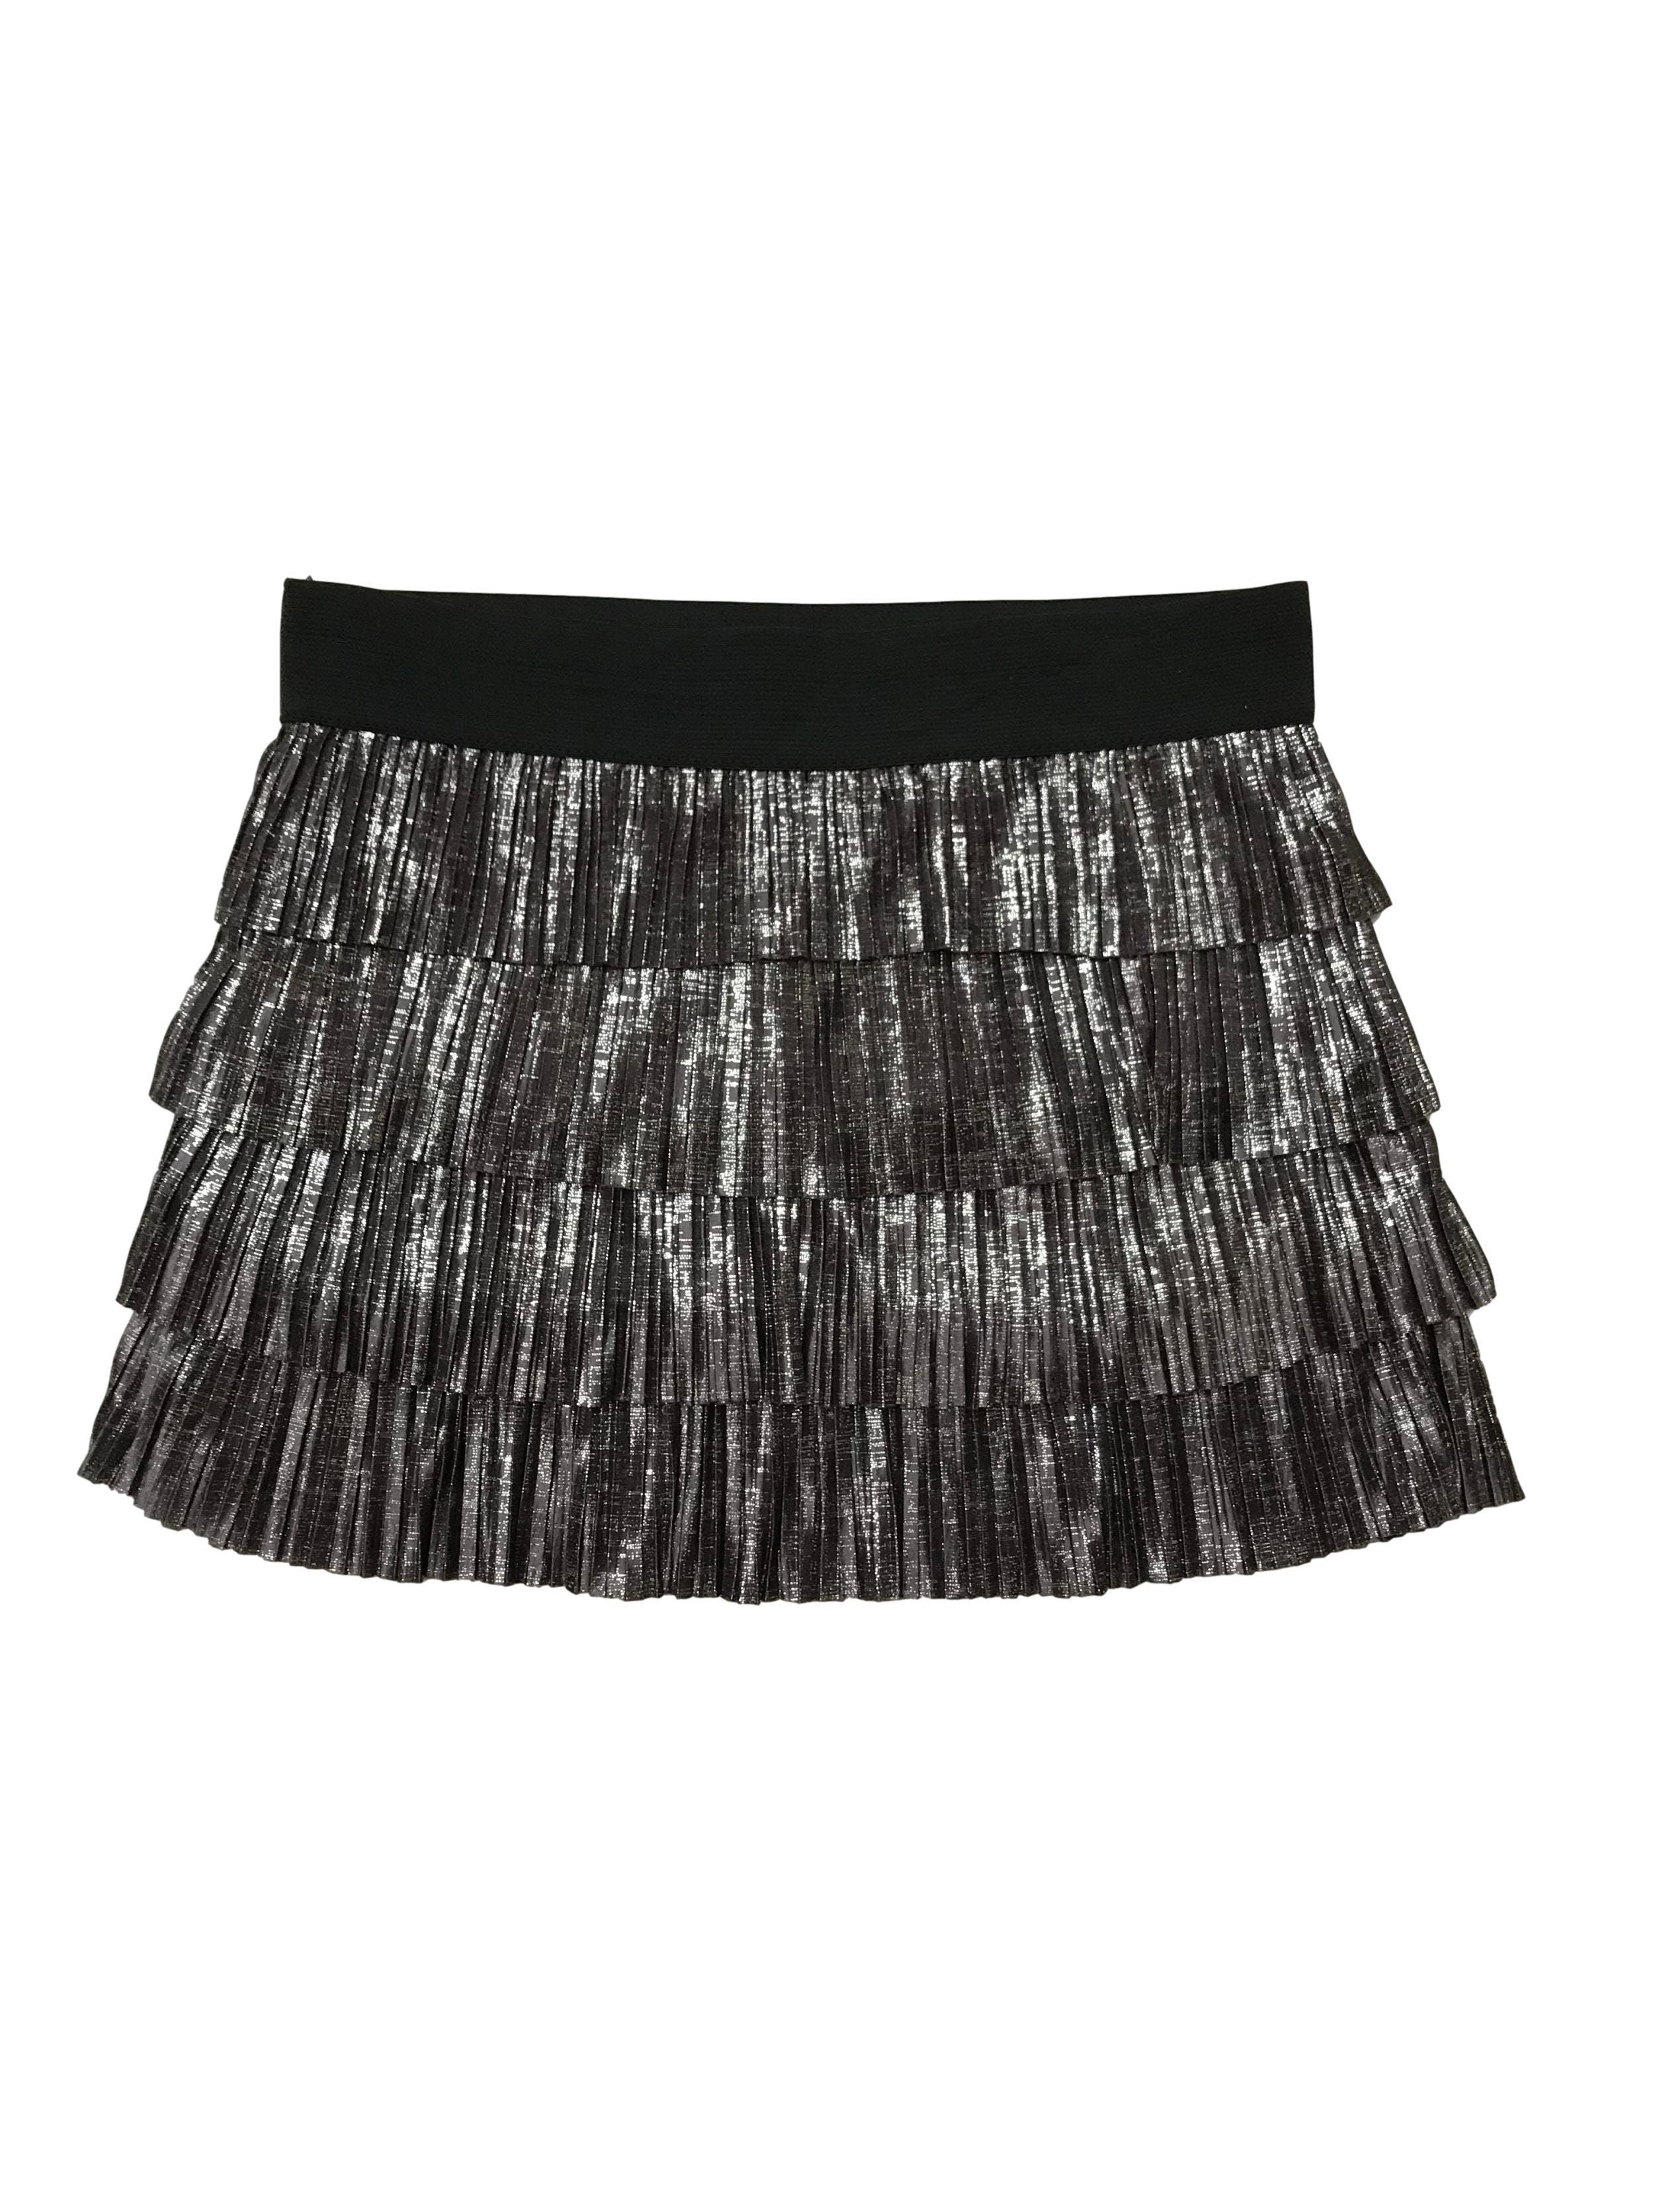 Falda de tela plisada en tiempos, tono gris brillante y pretina elástica negra. Pretina 76 cm, largo: 35 cm